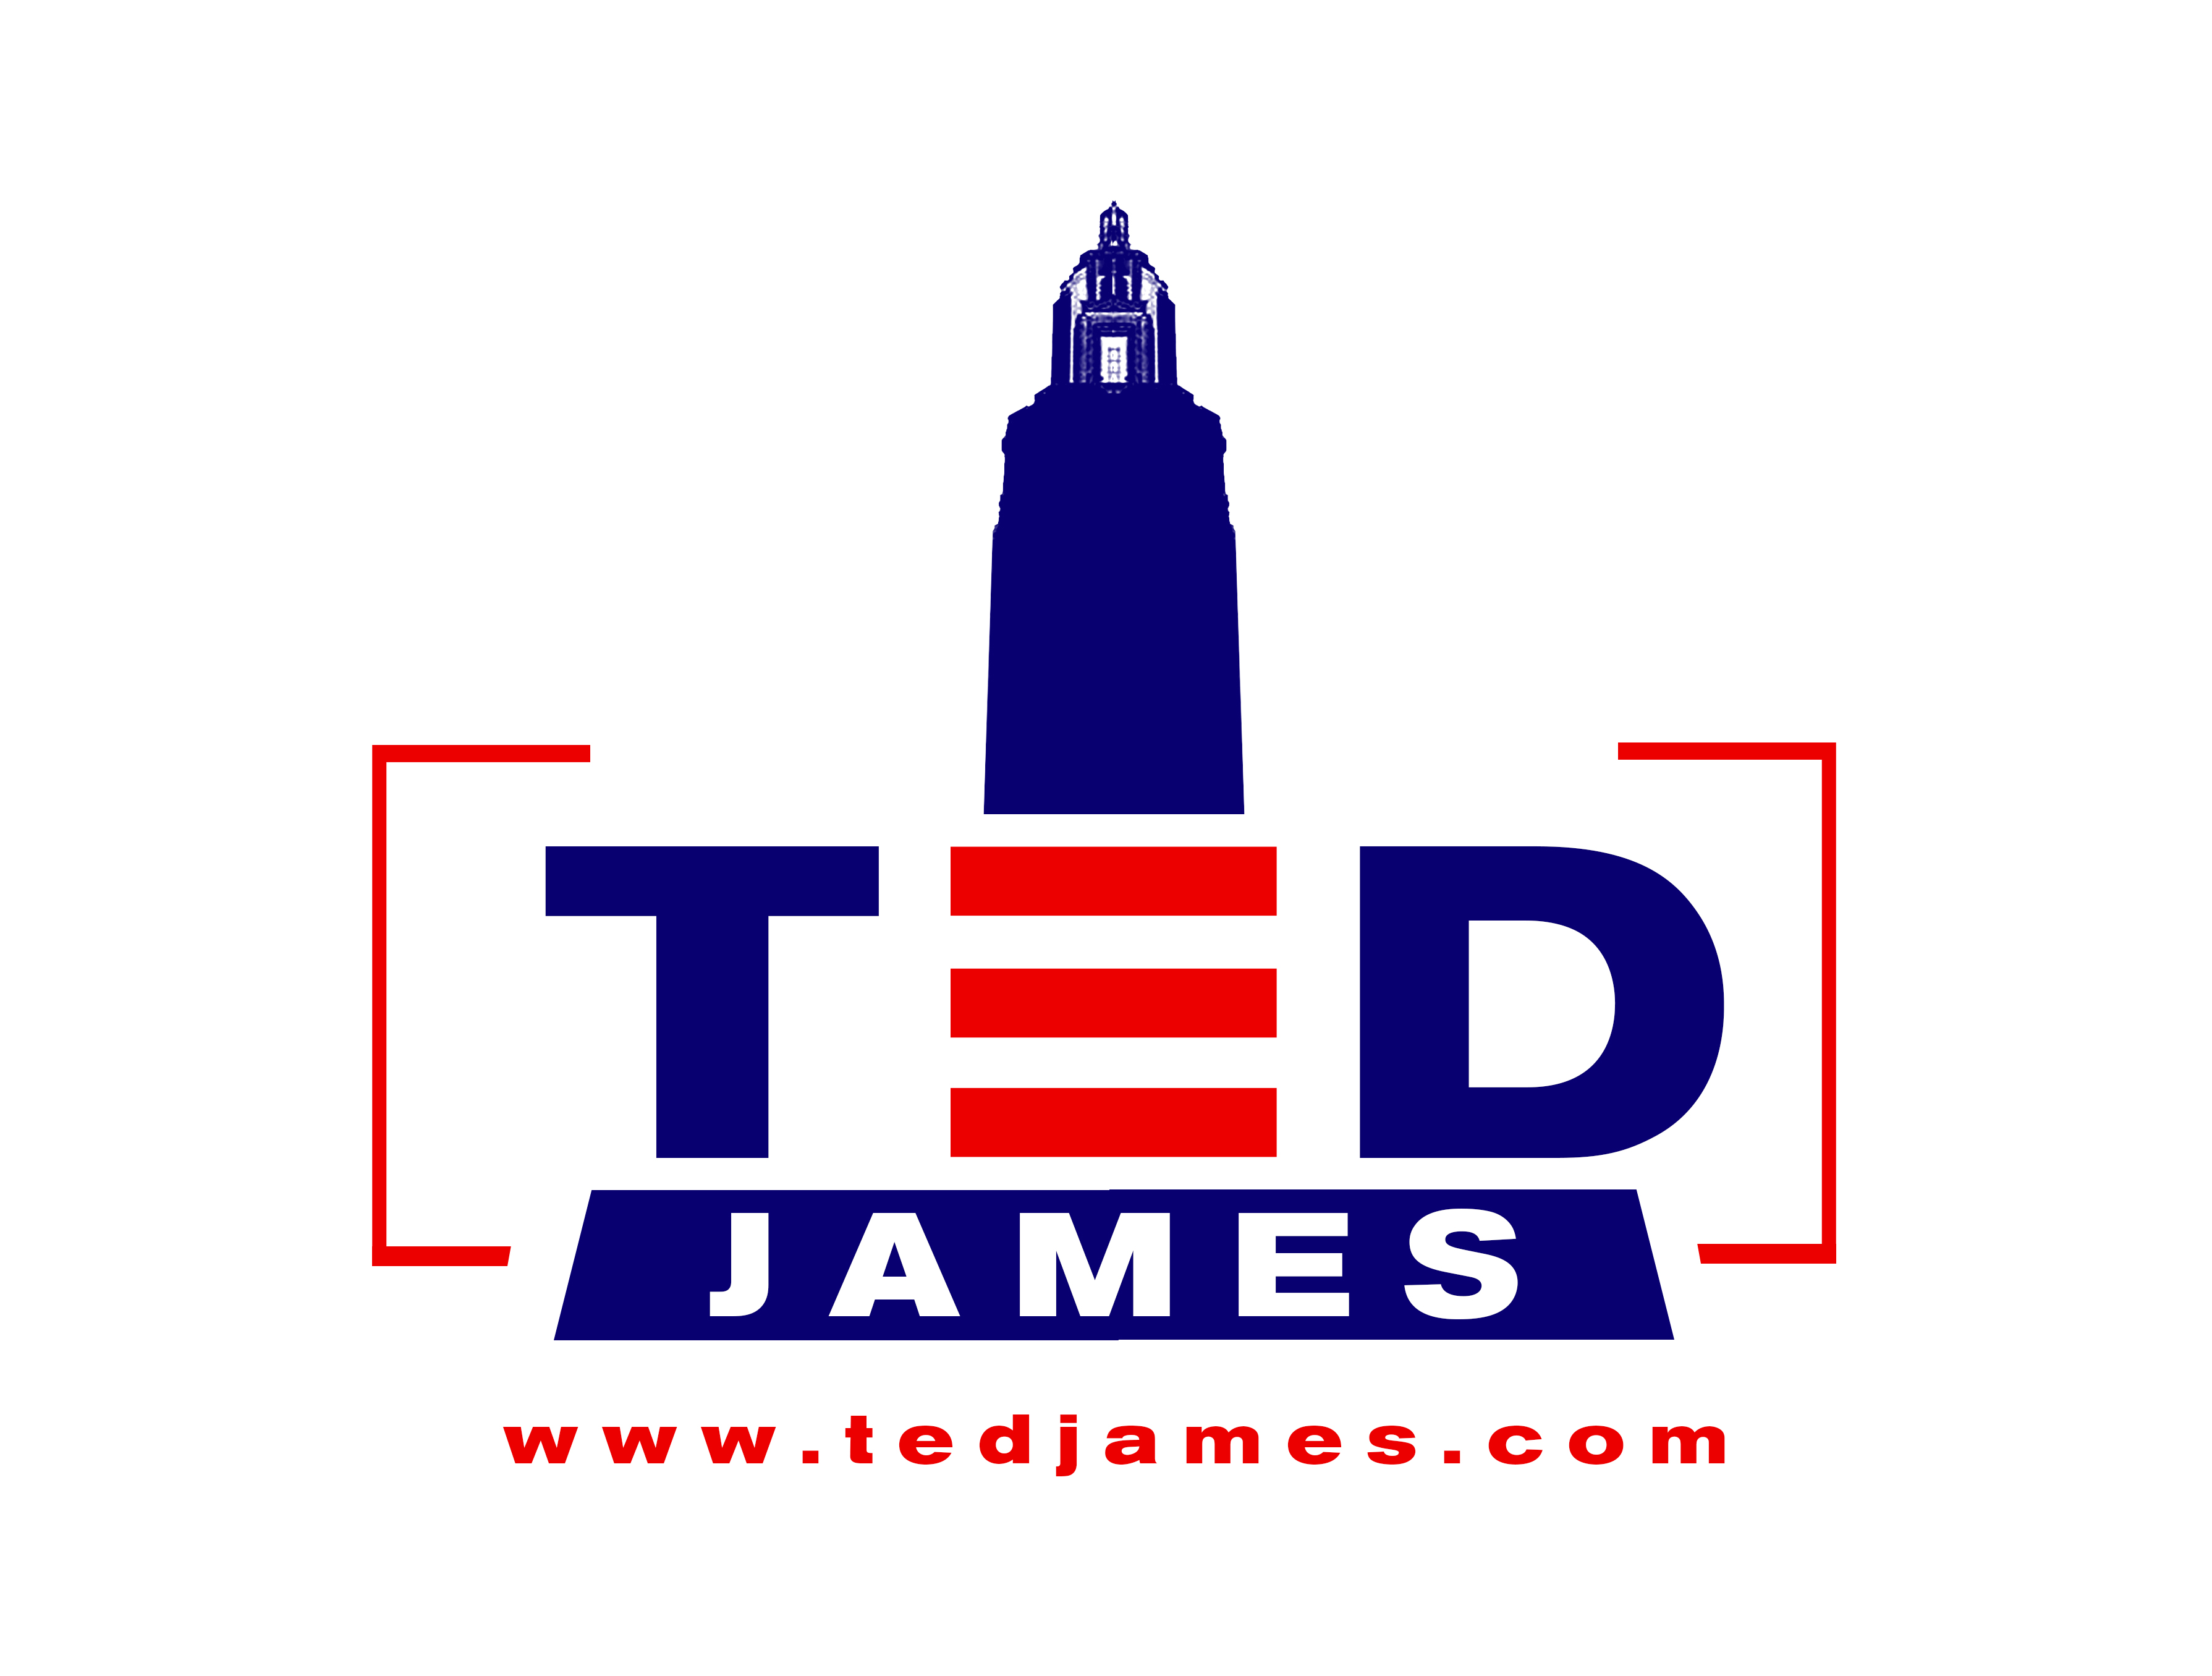 Edward Ted James